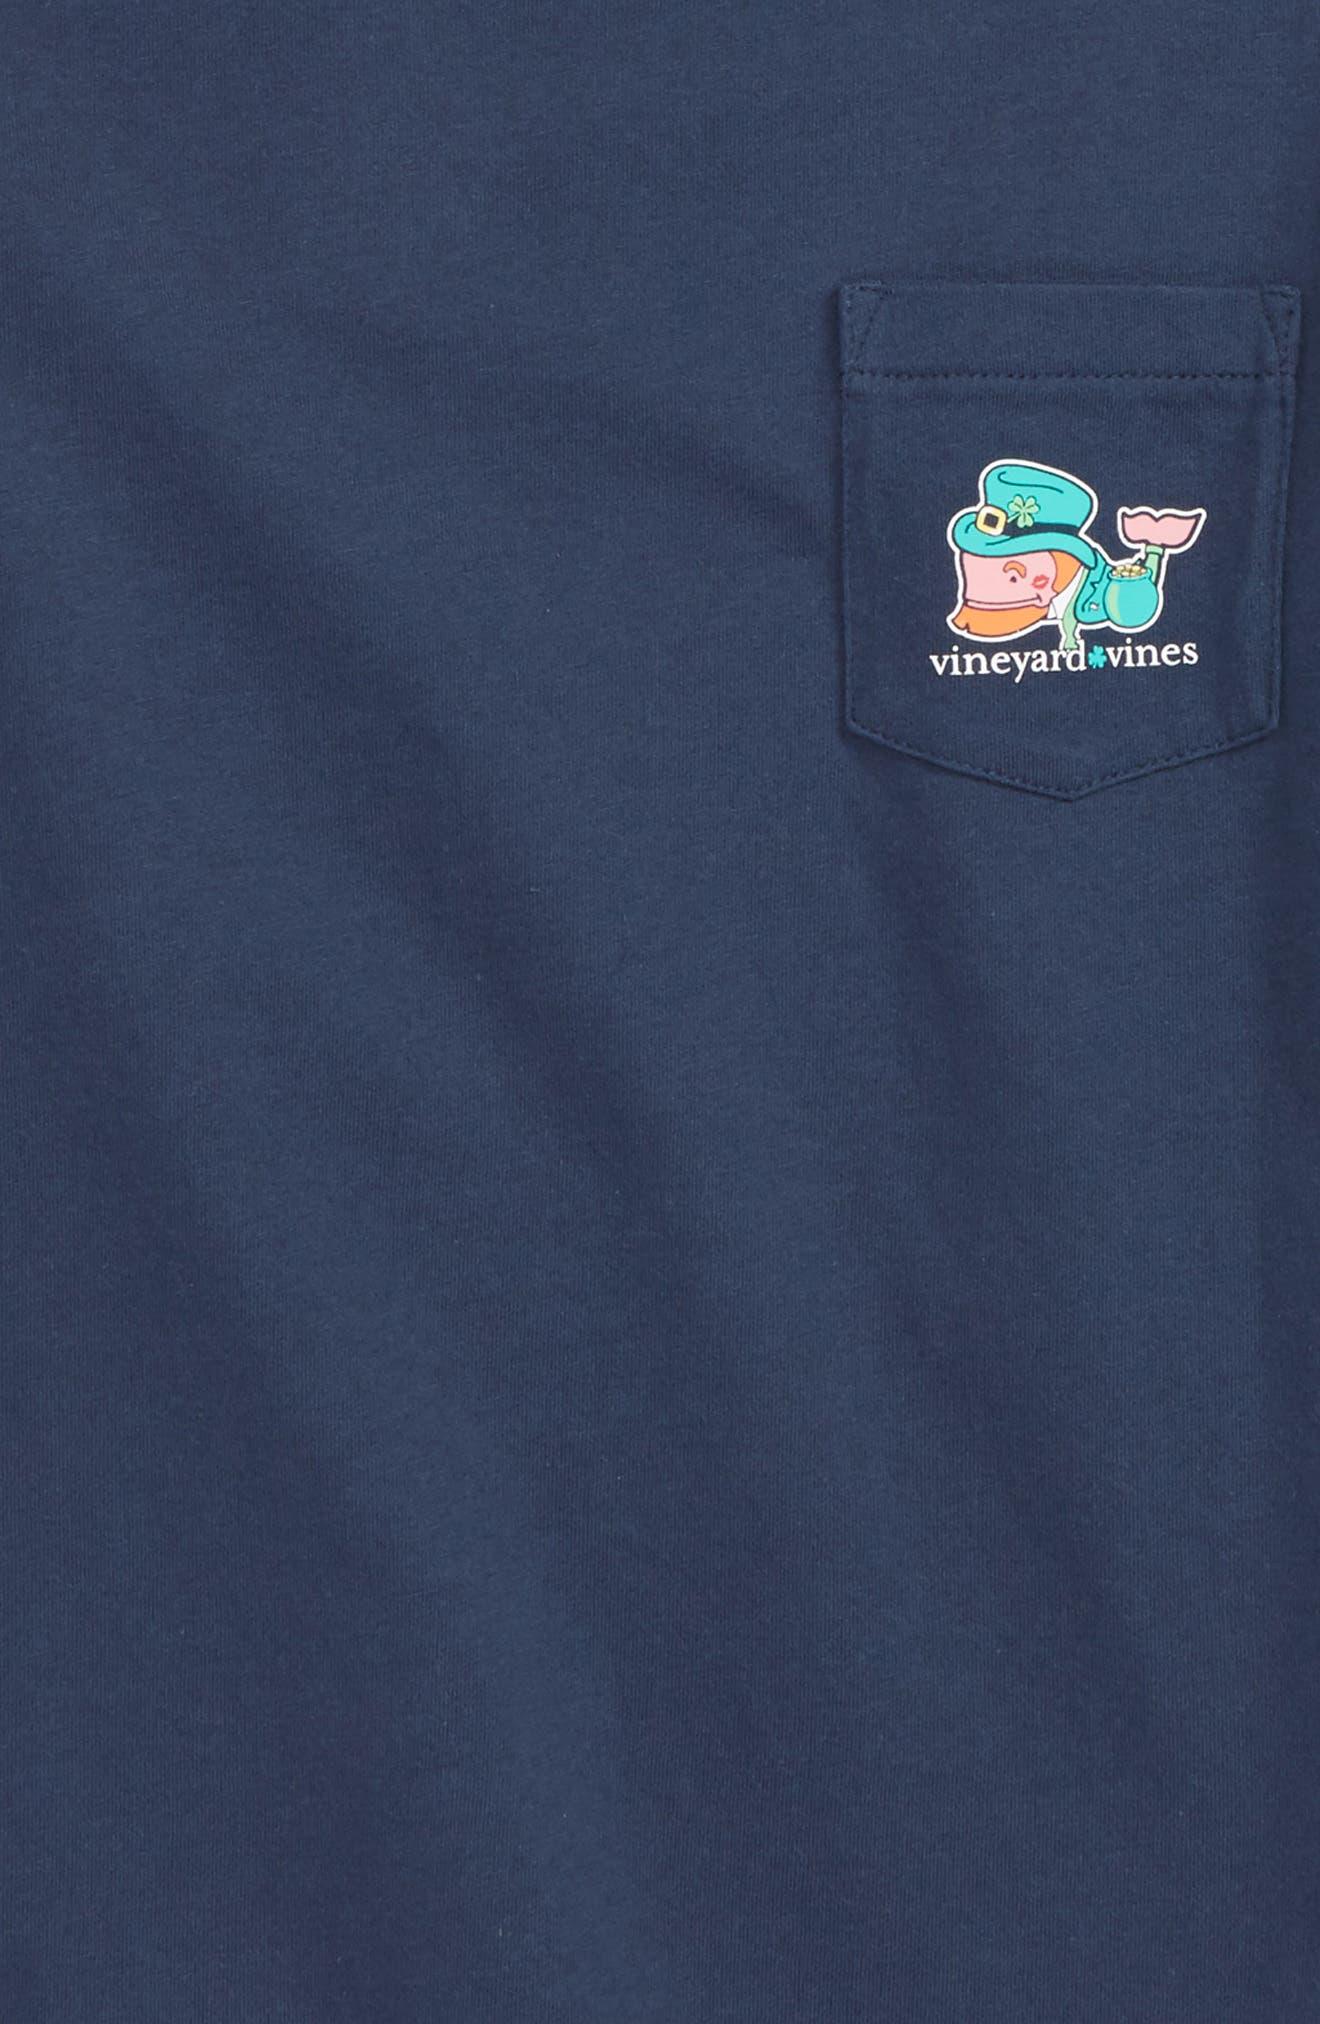 VINEYARD VINES,                             Kiss Me I'm Irish Pocket T-Shirt,                             Alternate thumbnail 3, color,                             BLUE BLAZER